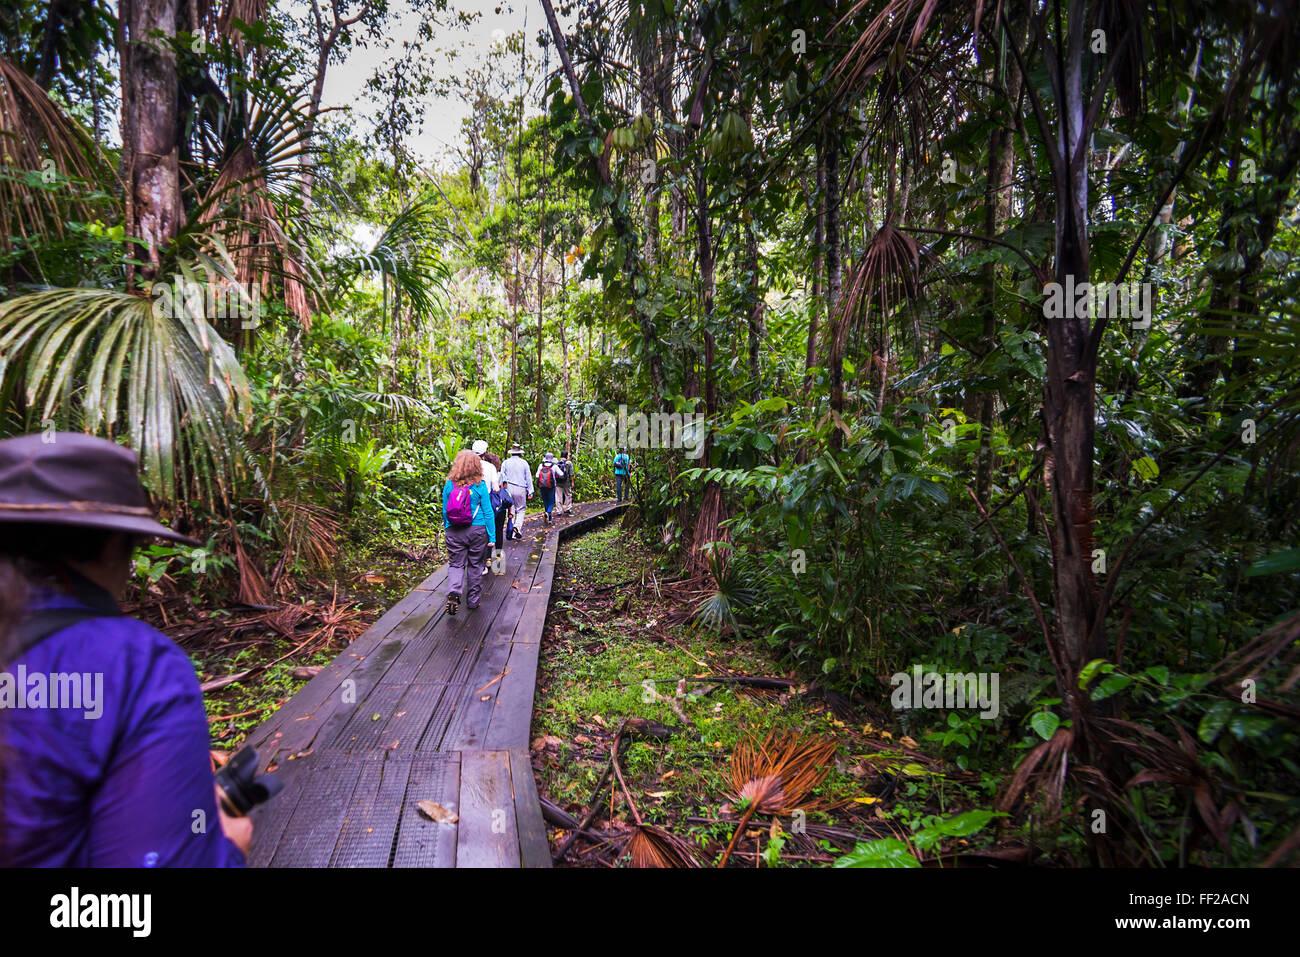 WaRMking dans la forêt amazonienne à Sacha RModge, Coca, Equateur, Amérique du Sud Photo Stock